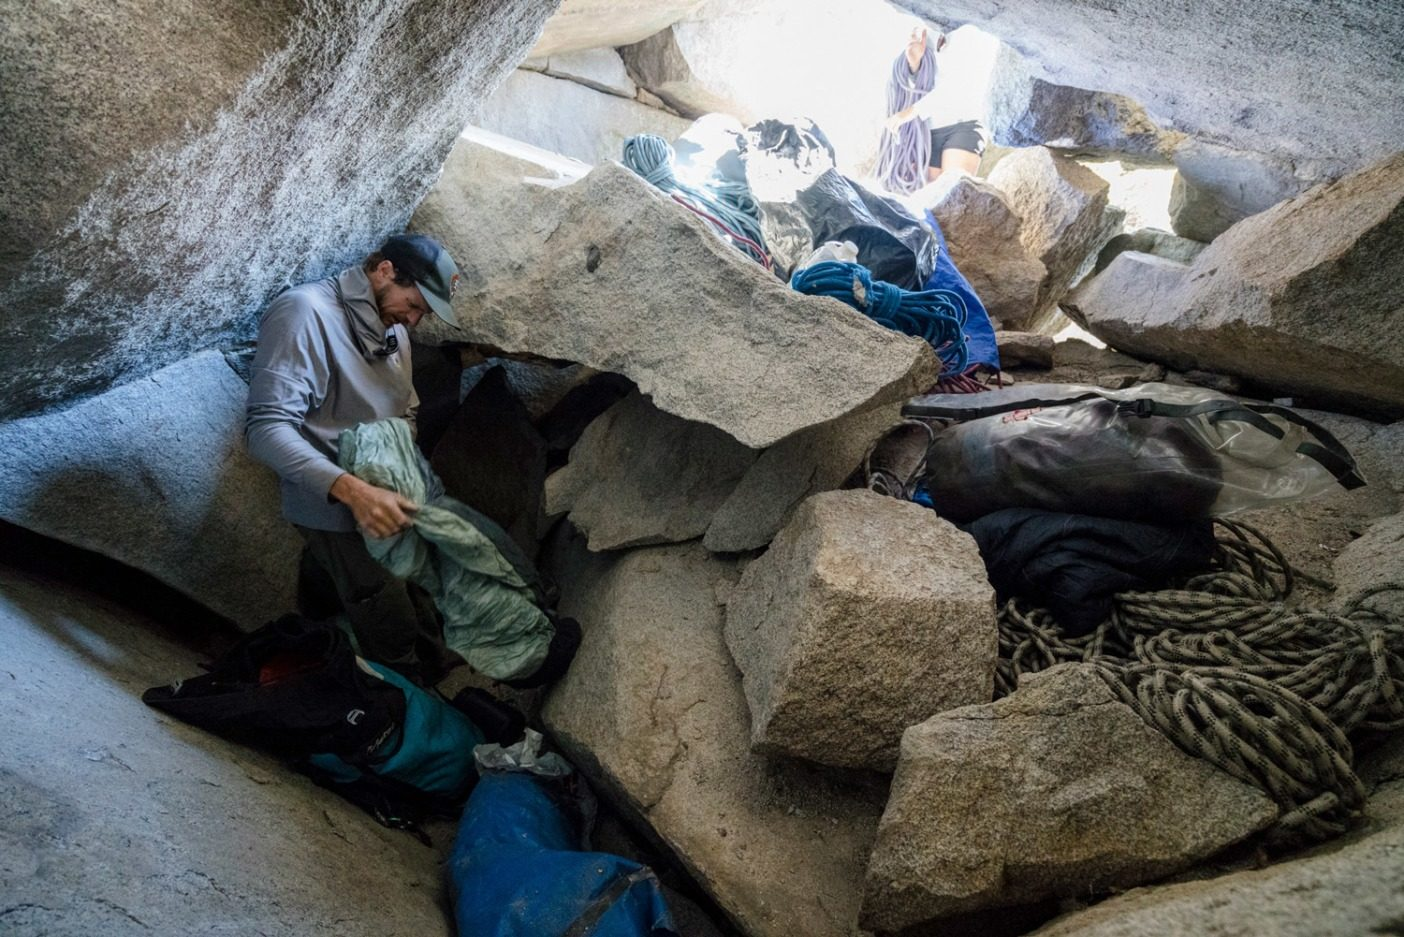 洞穴の中に残された、古いロープやその他のギアが入ったバッグをくまなく調べるクライミング・レンジャーのブランドン・アダムスPhoto: Eric Bissell